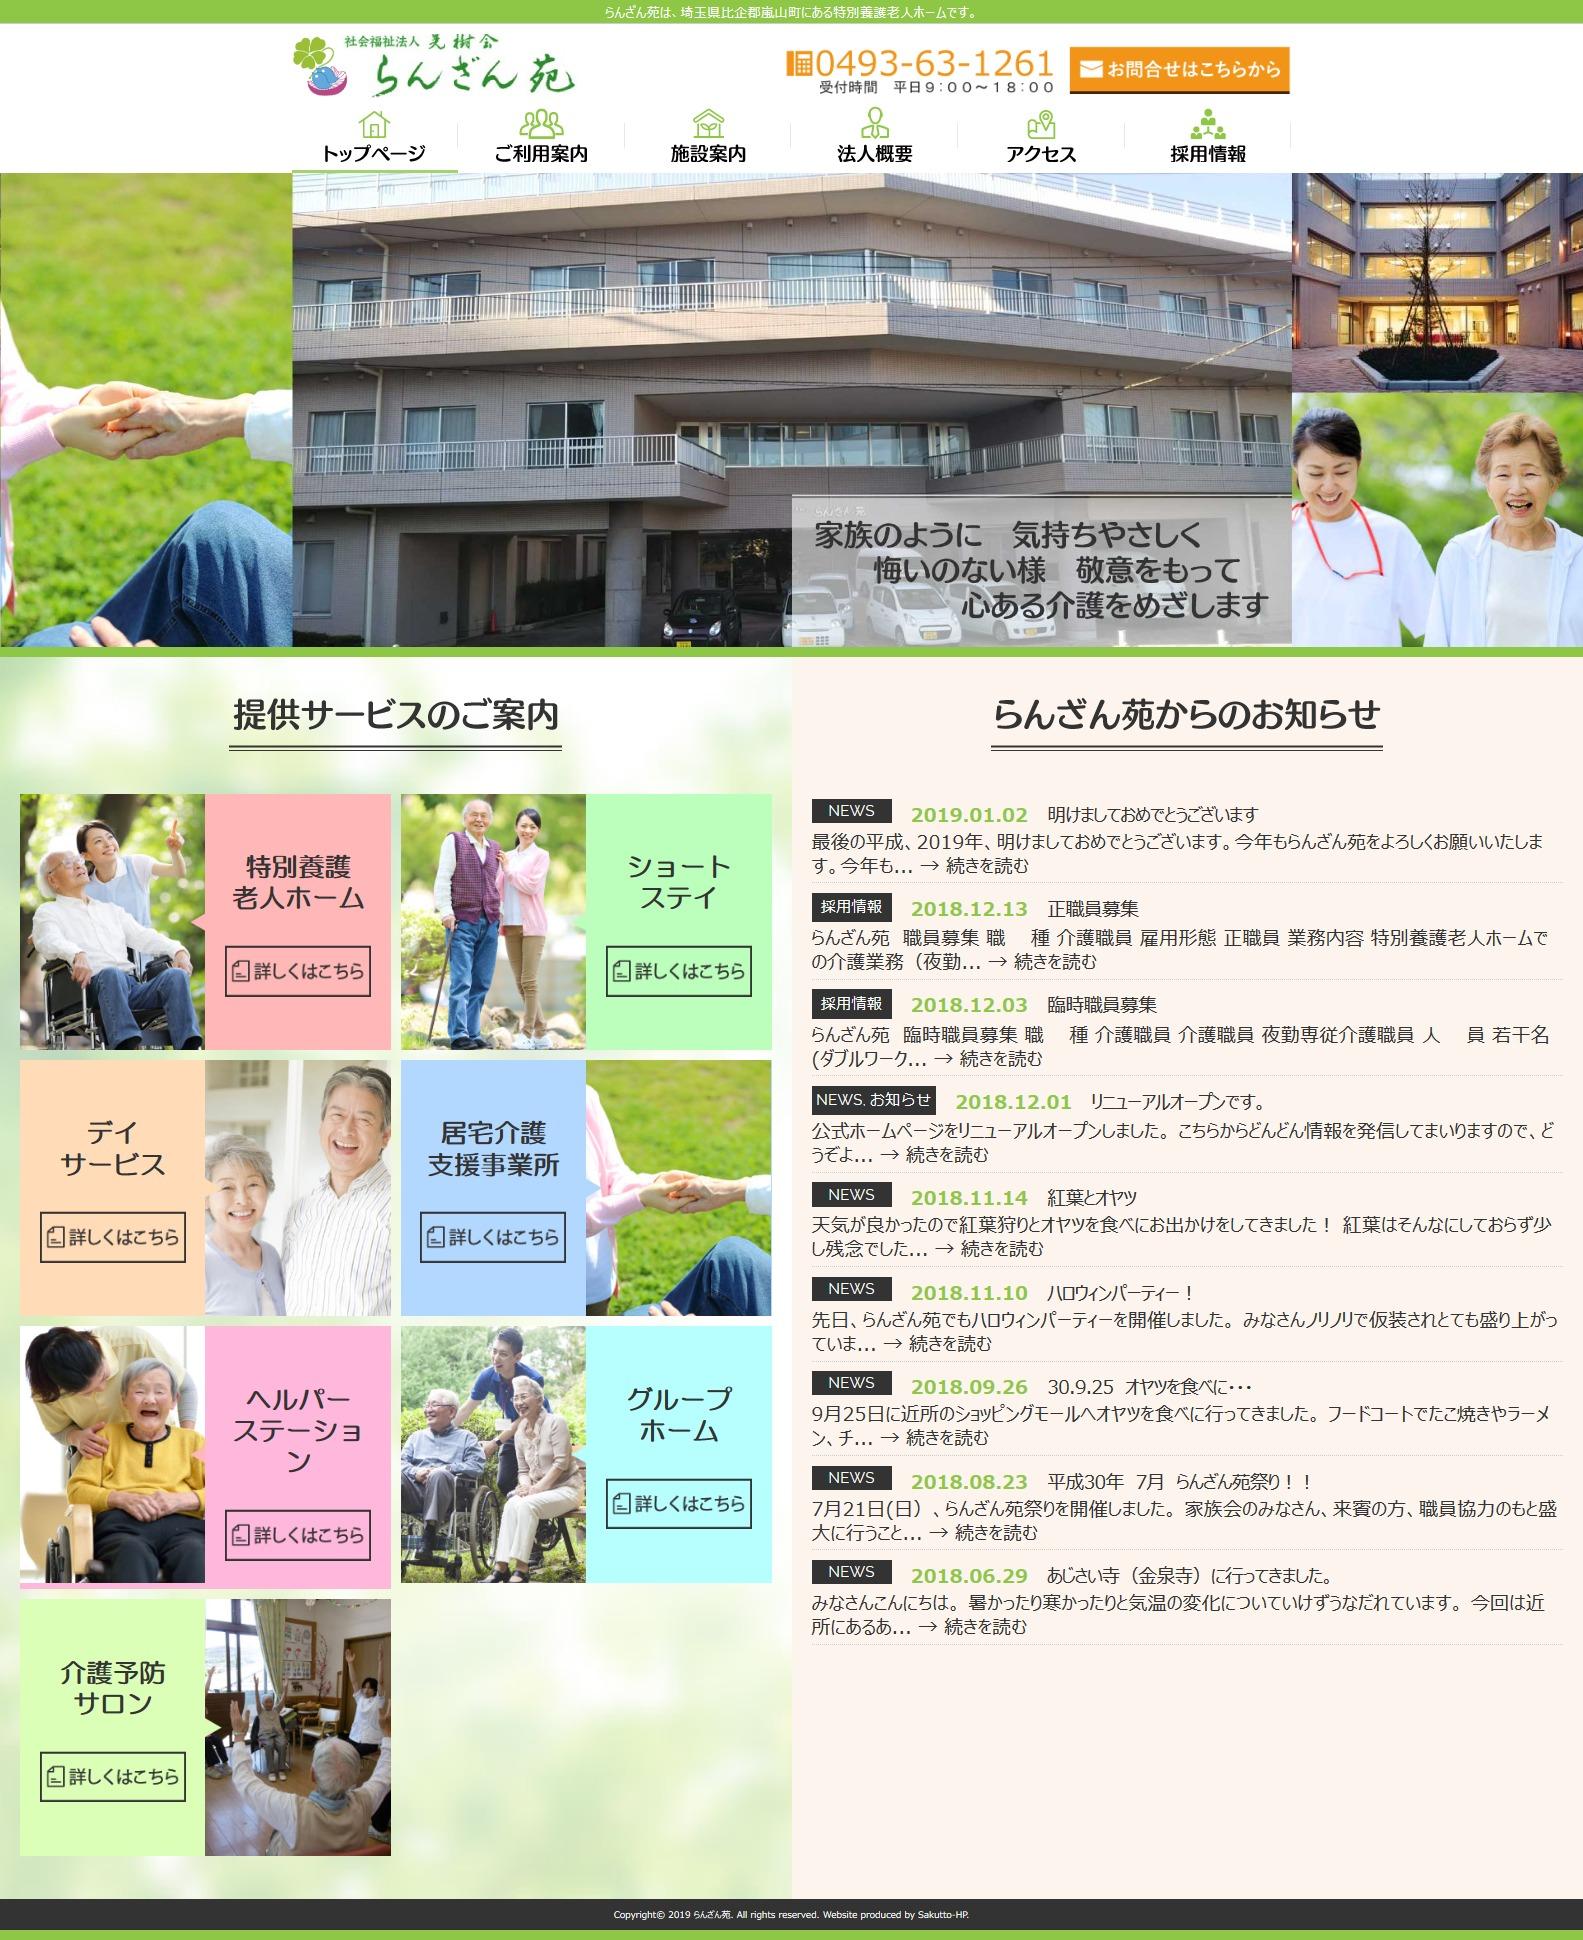 ホームページ作成|東京|さくっとホームページ作成では埼玉県で特別養護老人ホーム(介護老人福祉施設。社会福祉法人や地方自治体が運営する公的な施設)を運営している「らんざん苑様の公式ホームページ」をリニューアルし、2018年12月1日一般公開を開始しました。